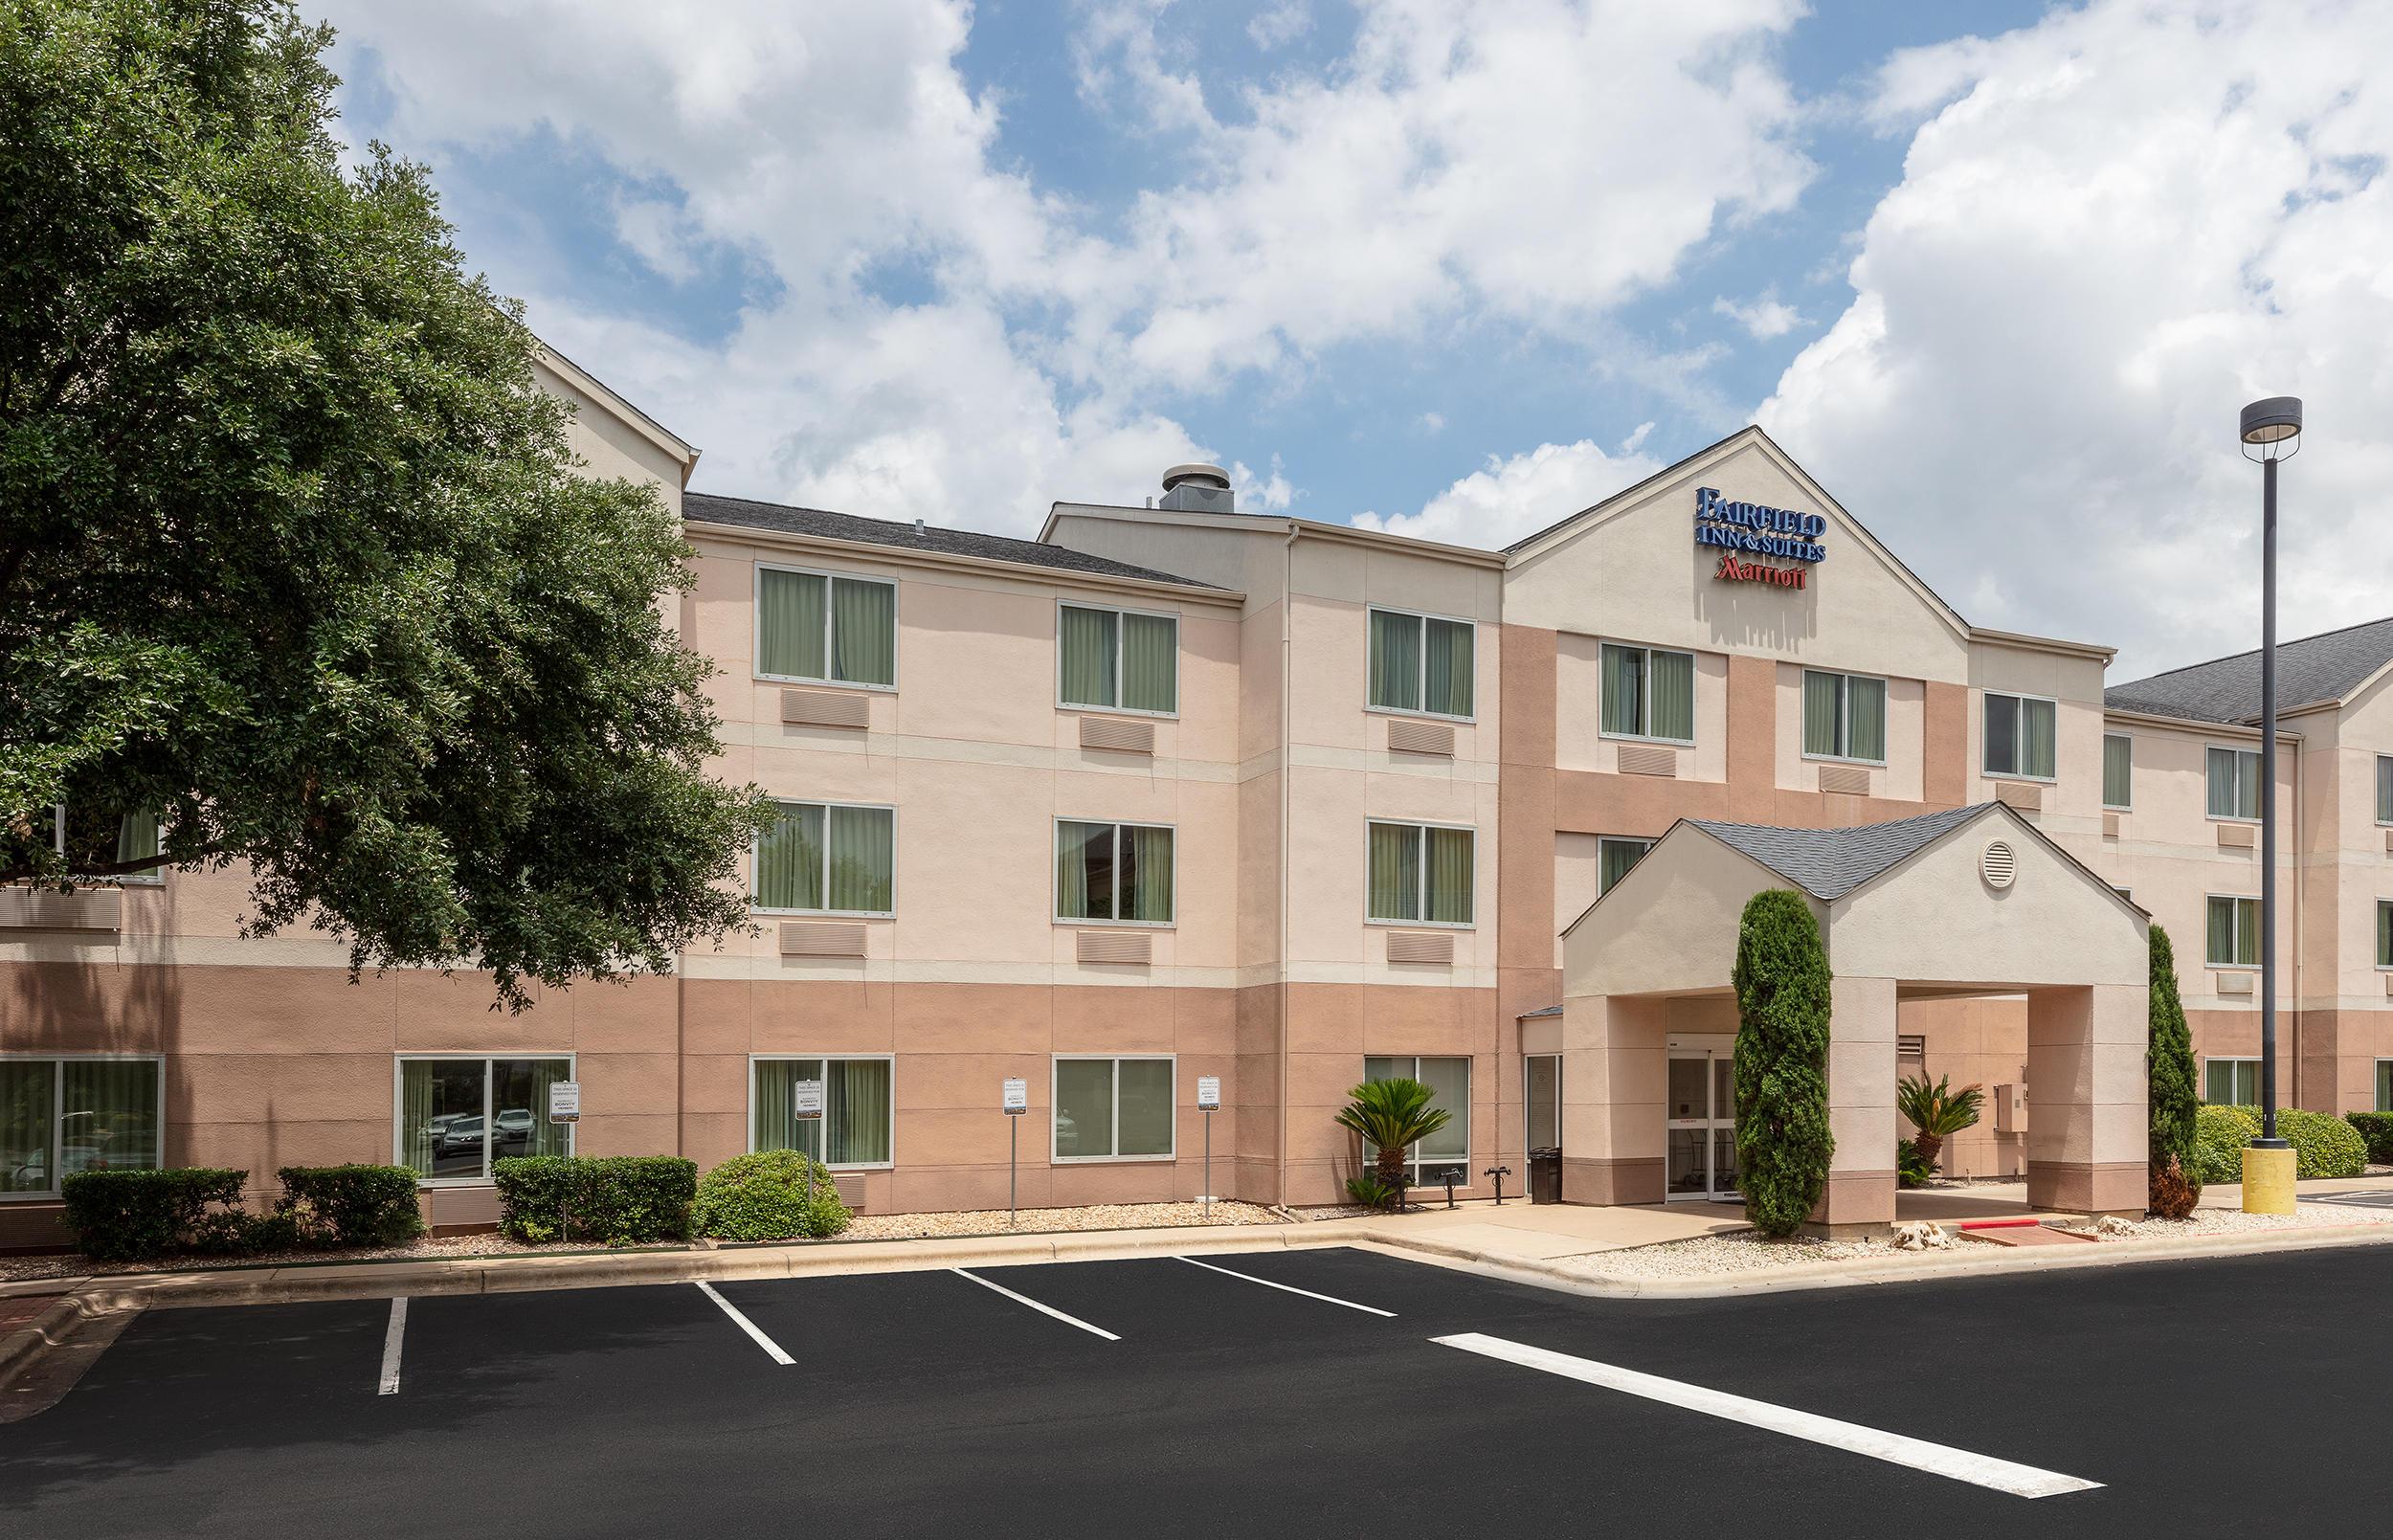 Fairfield Inn & Suites by Marriott Austin South image 0